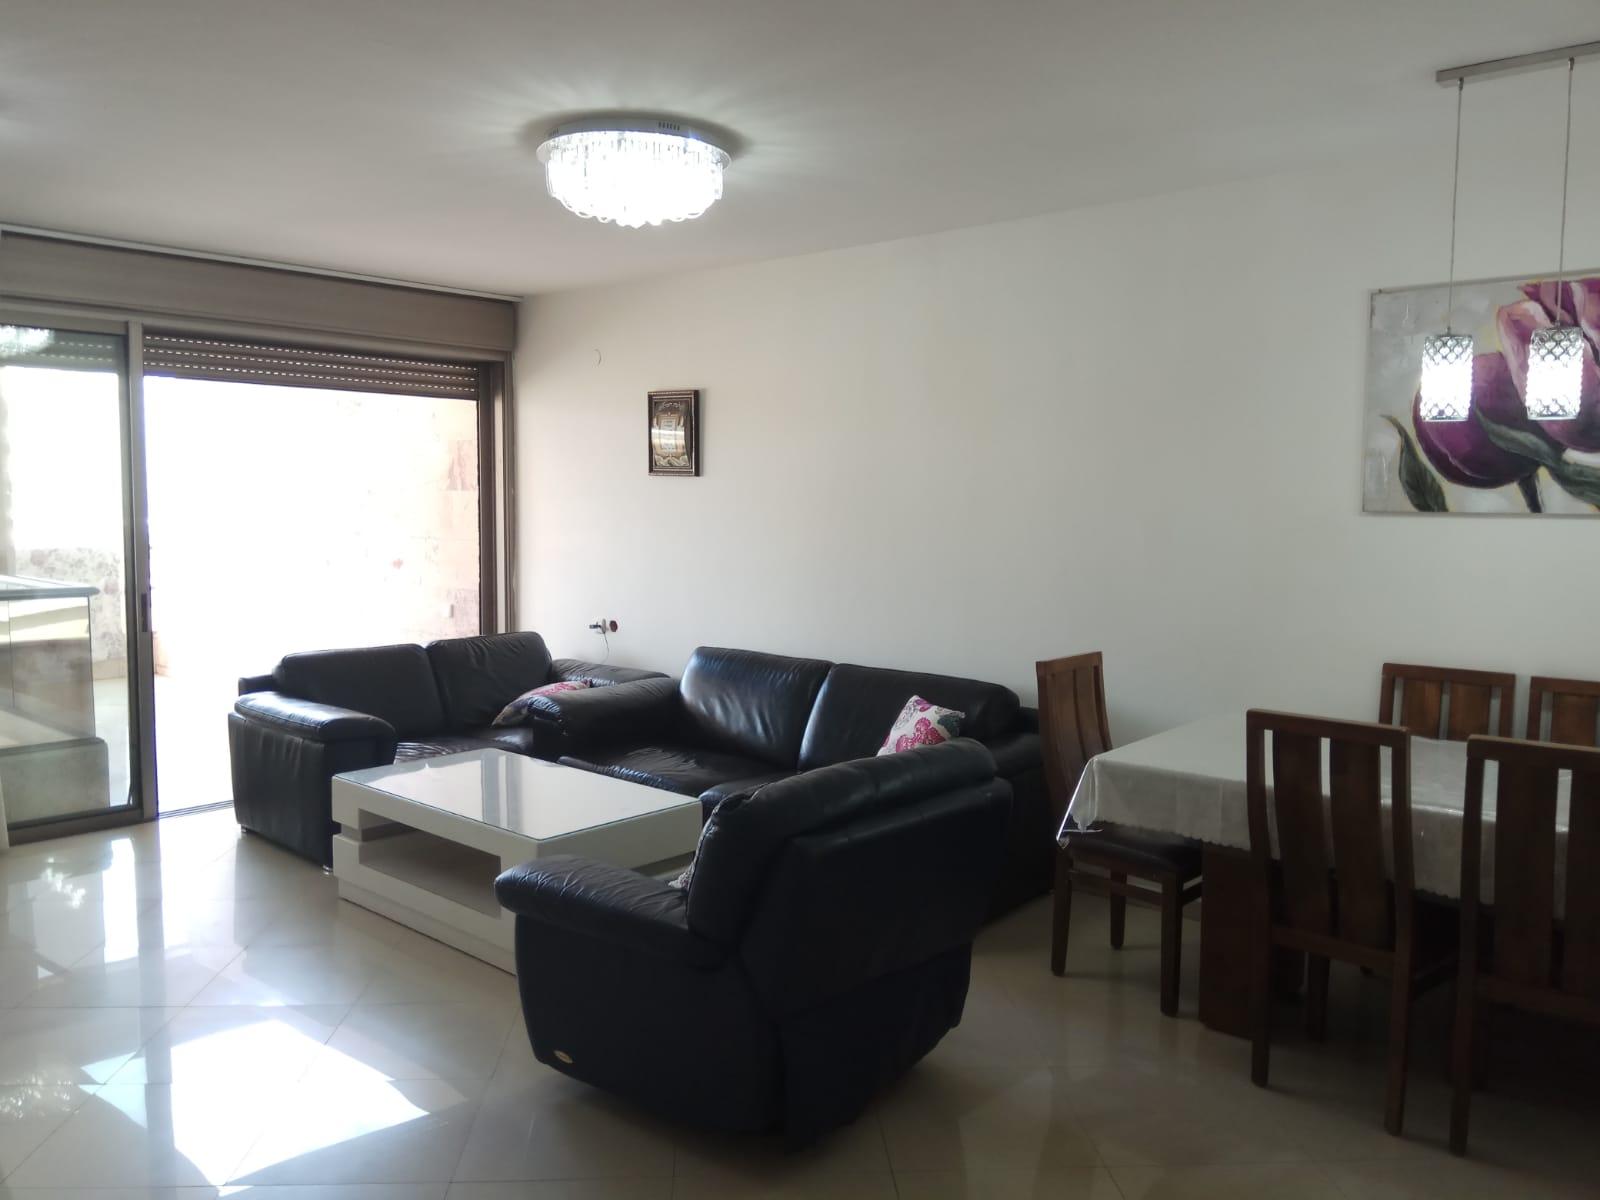 חולון דירה למכירה 5 חדרים 2,370,000₪, חולון